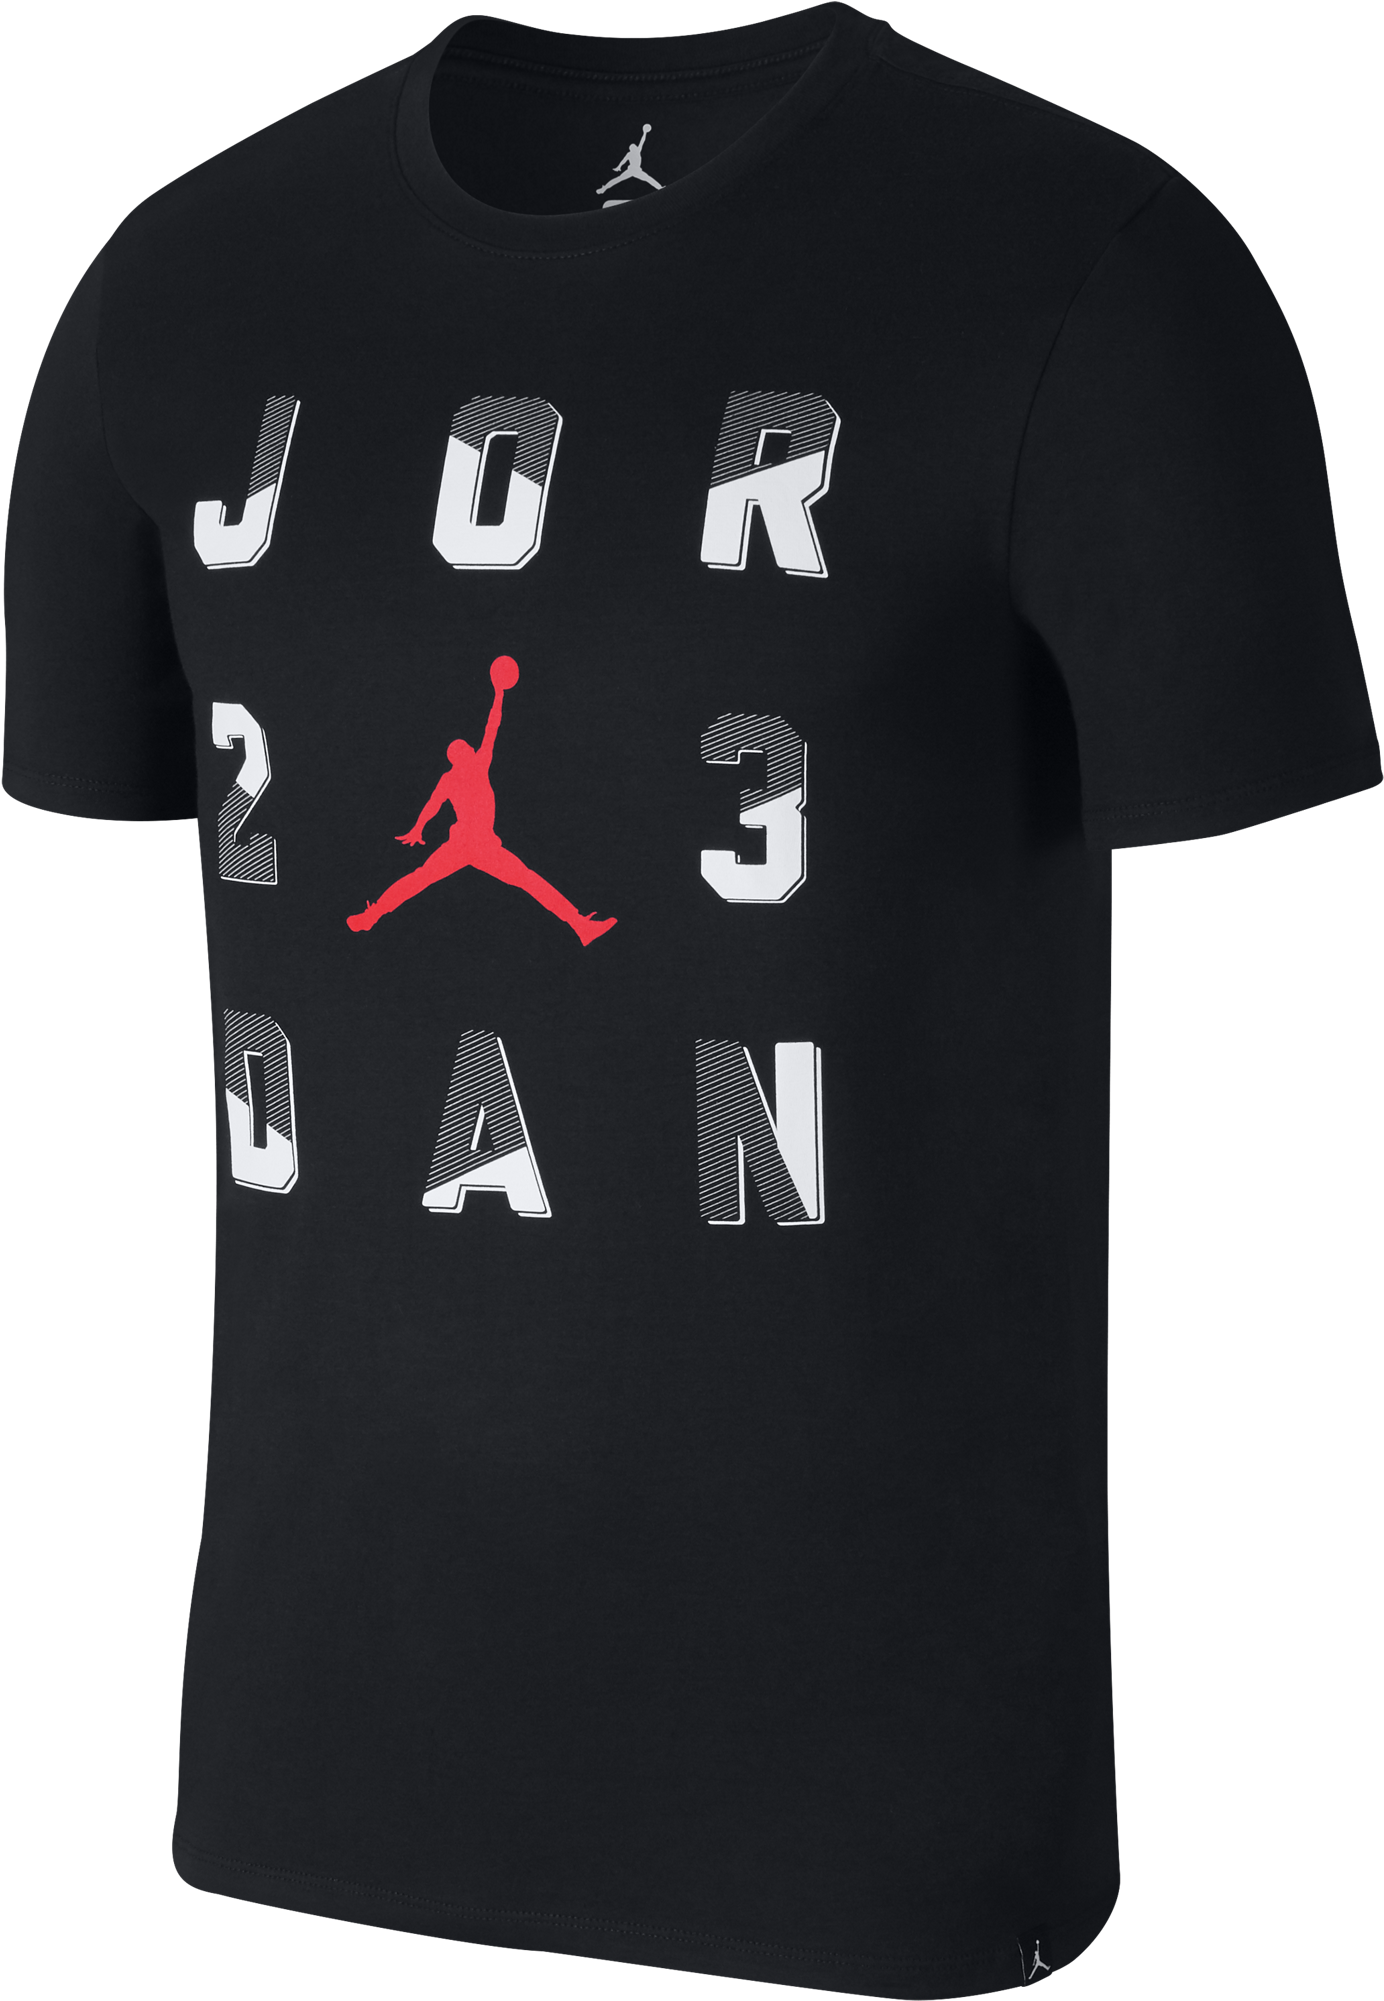 09f5f2776393 Download Air Jordan 23 Sportswear Tee - Full Size PNG Image - PNGkit